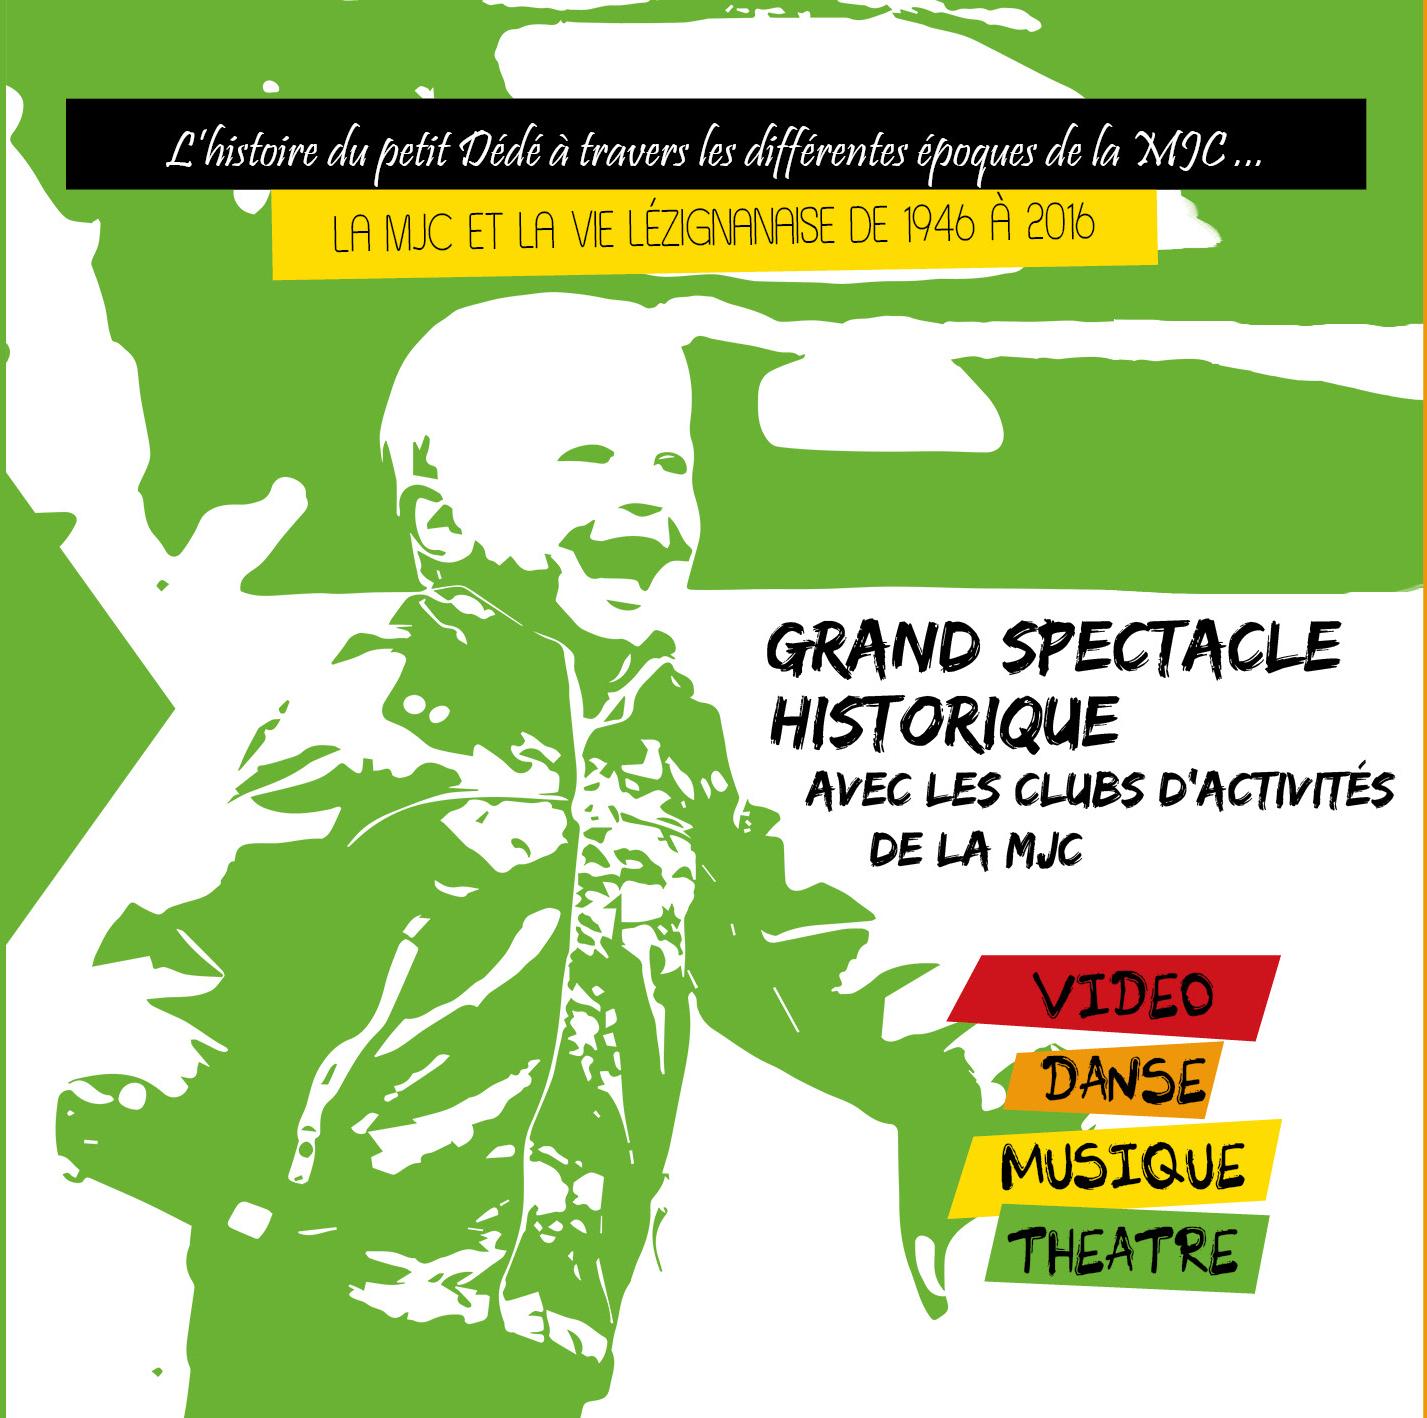 Les 17 & 18 Juin >> le grand spectacle des 70 ans de la MJC